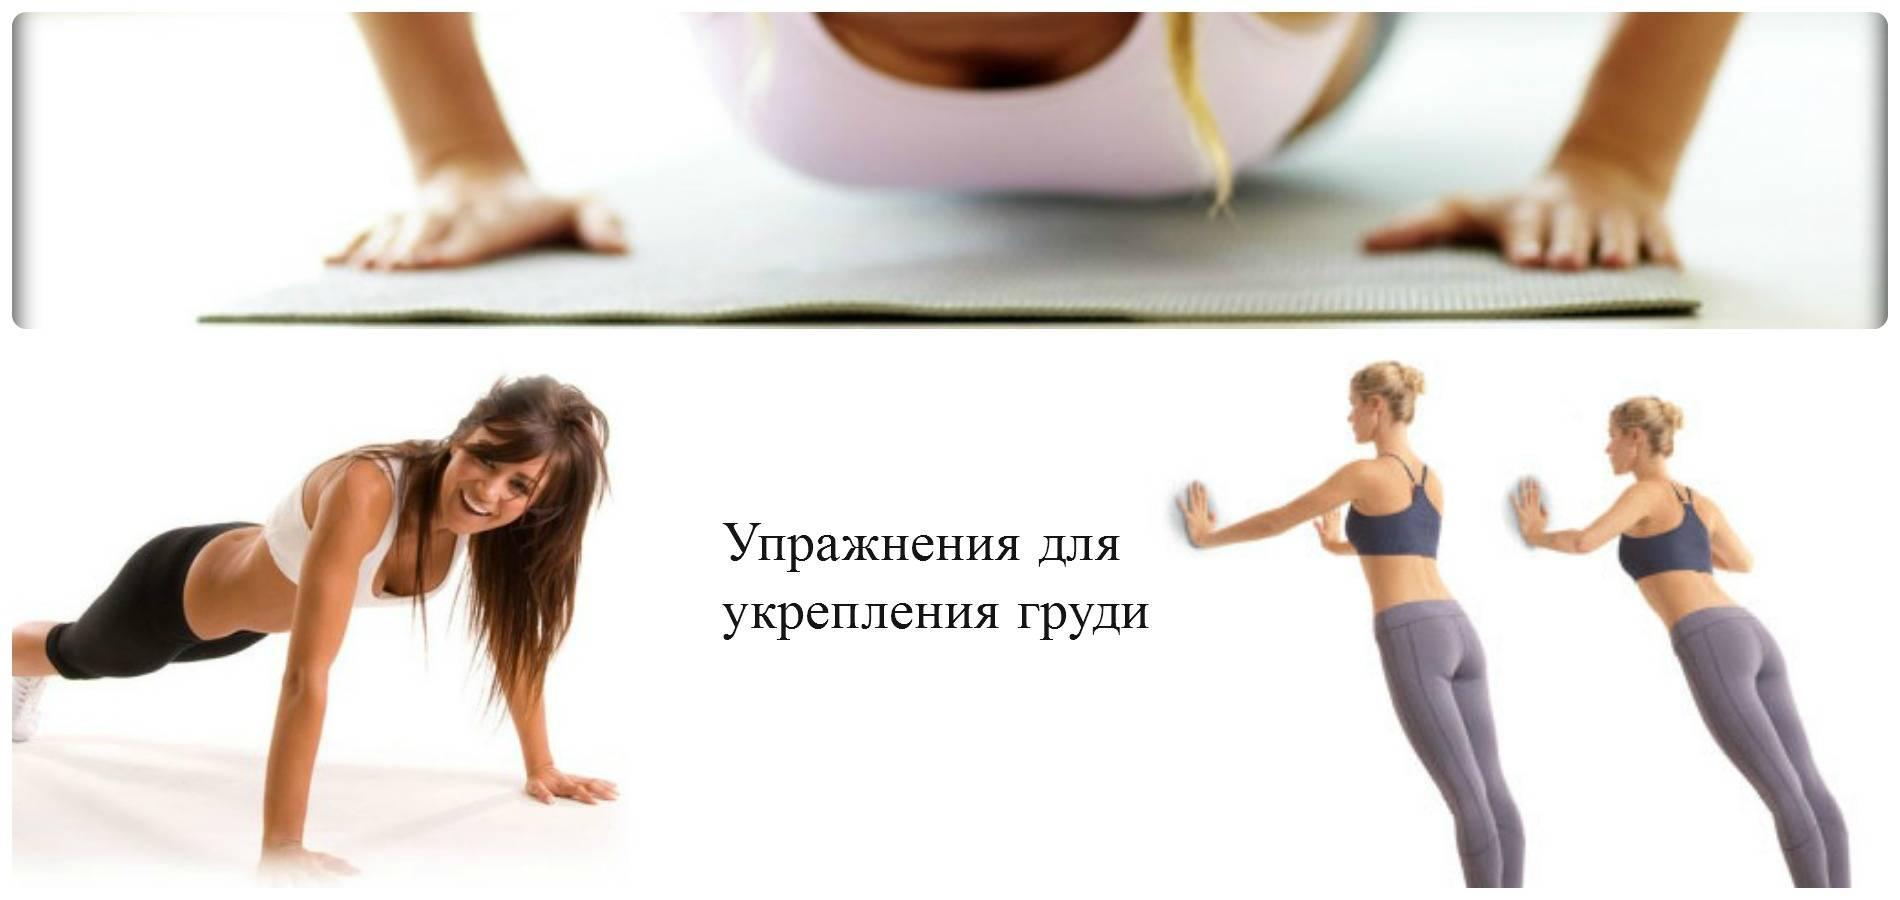 Как подтянуть грудь девушке: народные средства и процедуры в салоне, фото до и после, видео и отзывы